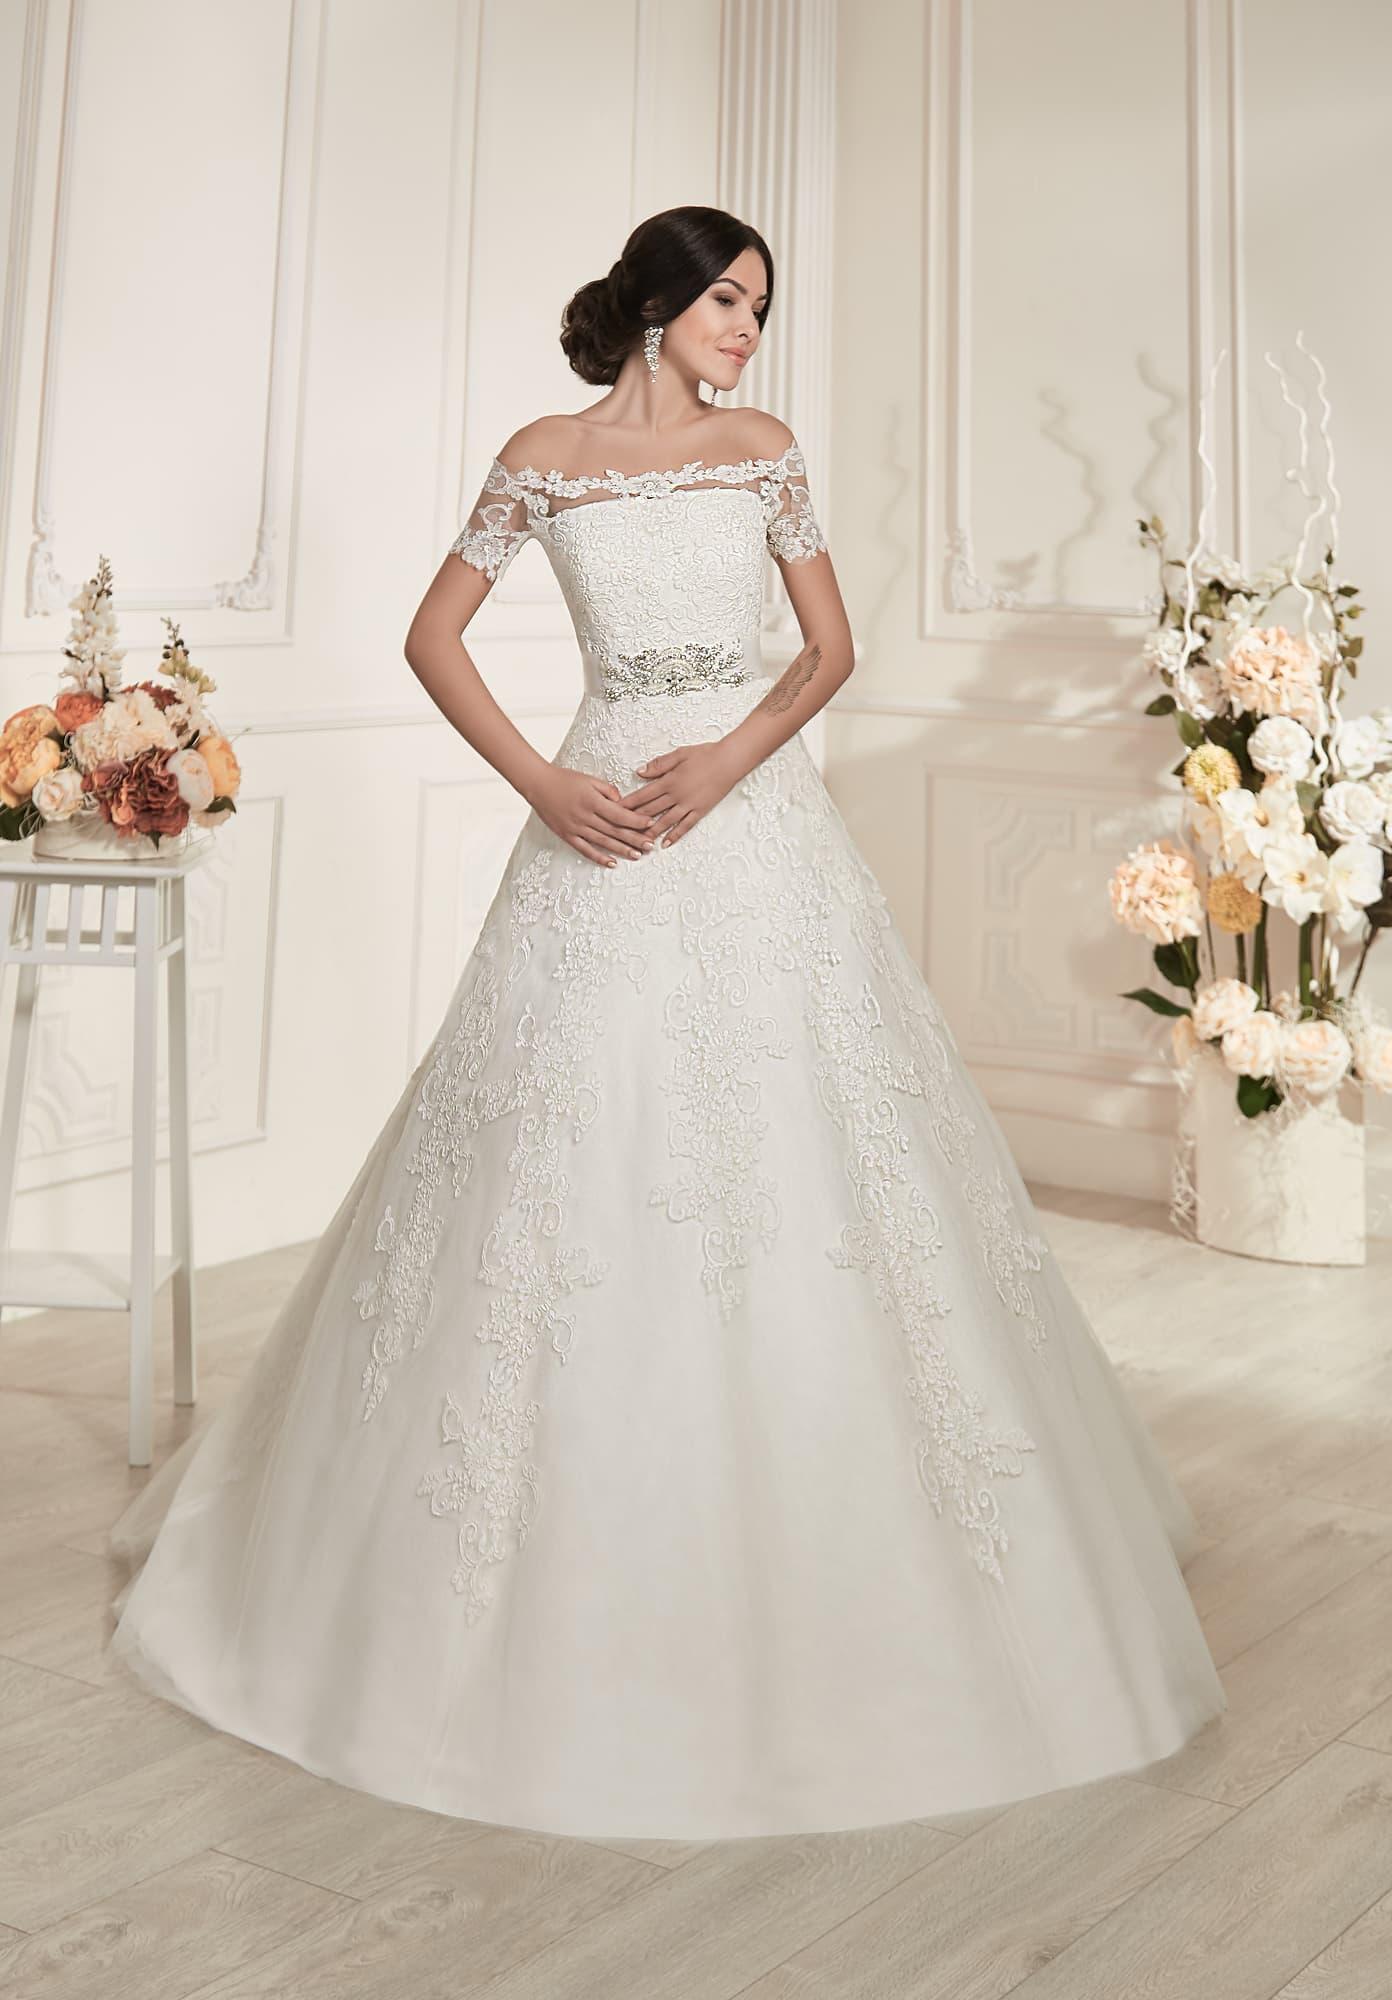 Торжественное свадебное платье с портретным вырезом и отделкой фактурным  кружевом. 685caeb60e8